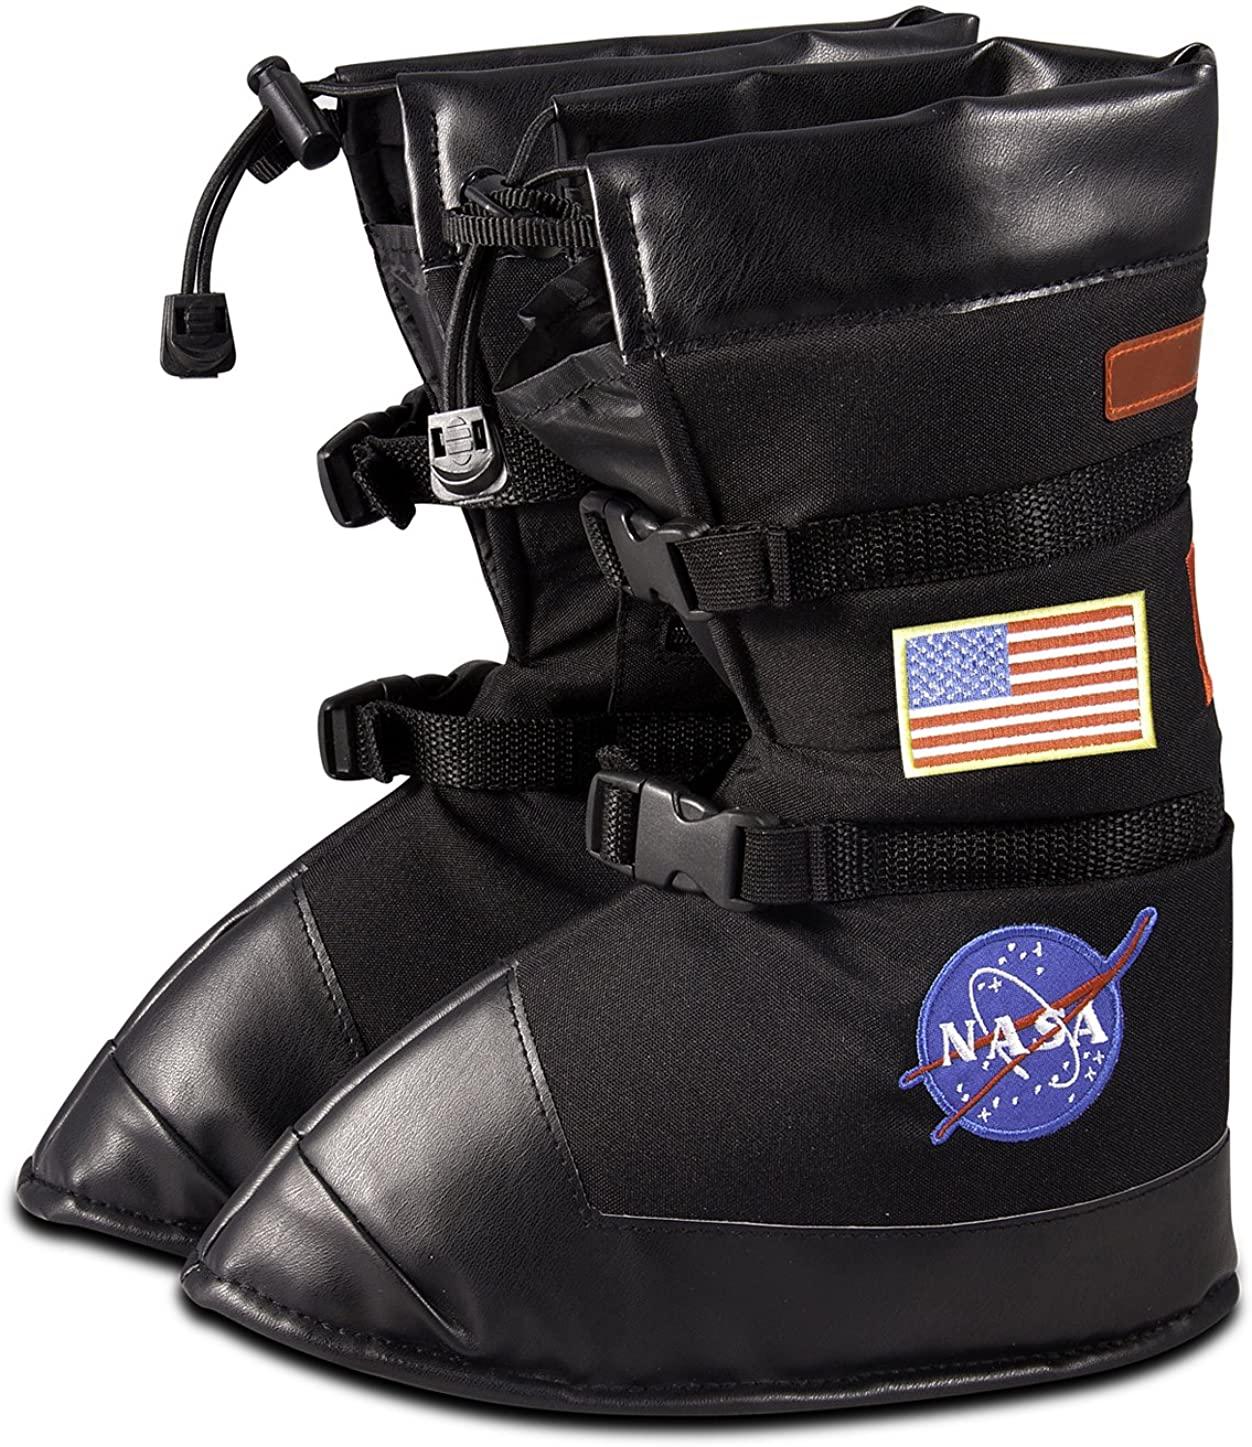 Jr. Astronaut Black Space Boots